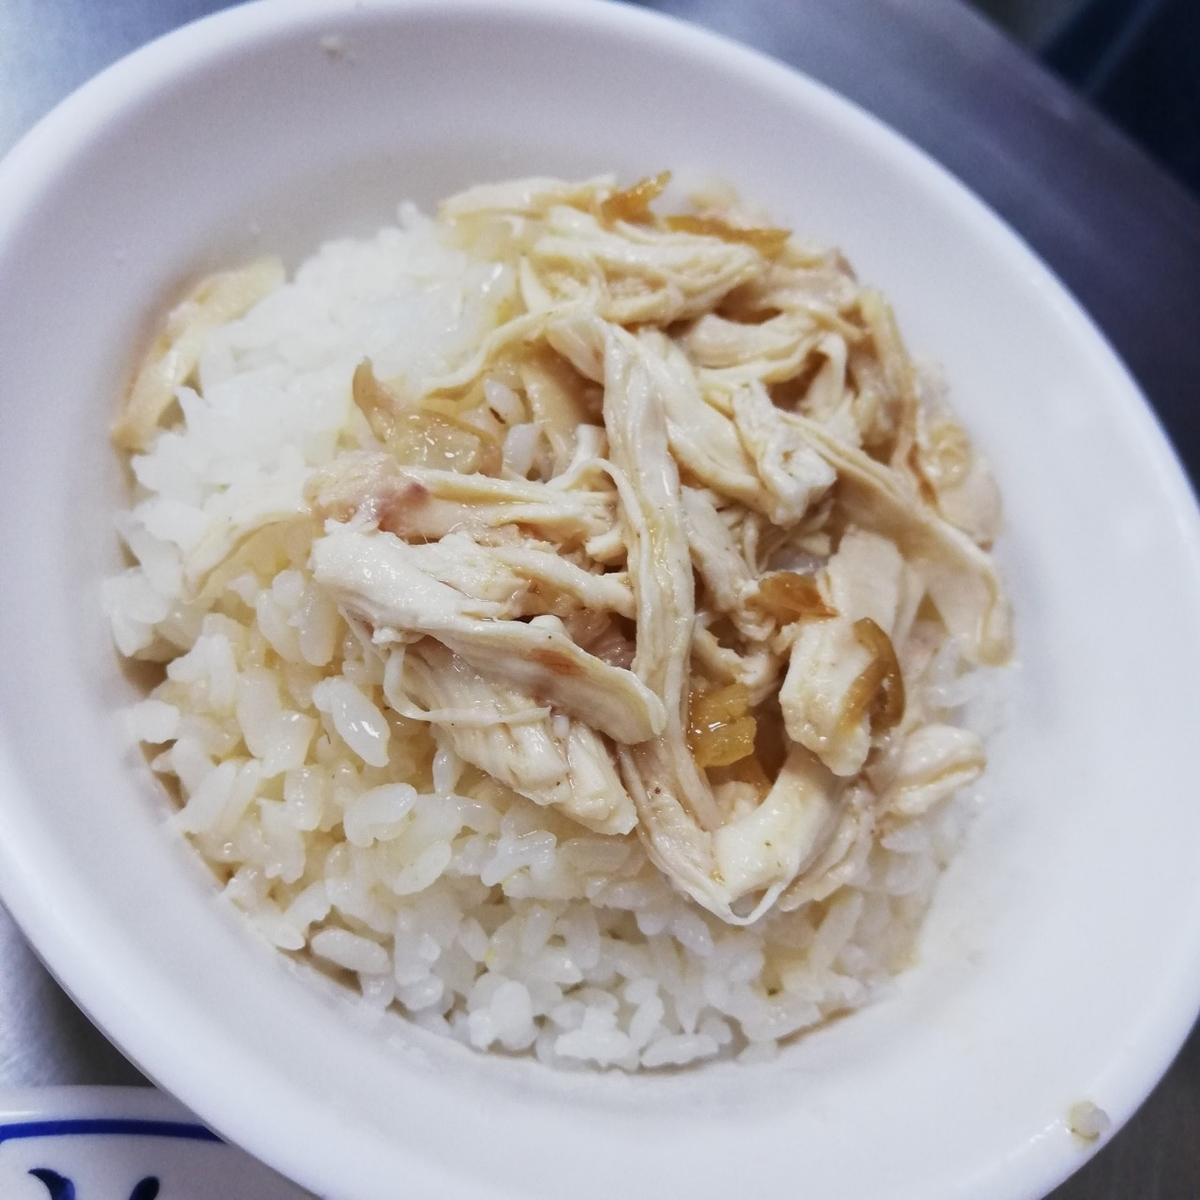 鶏肉飯の画像 チーローハン 梁記嘉義鶏肉飯